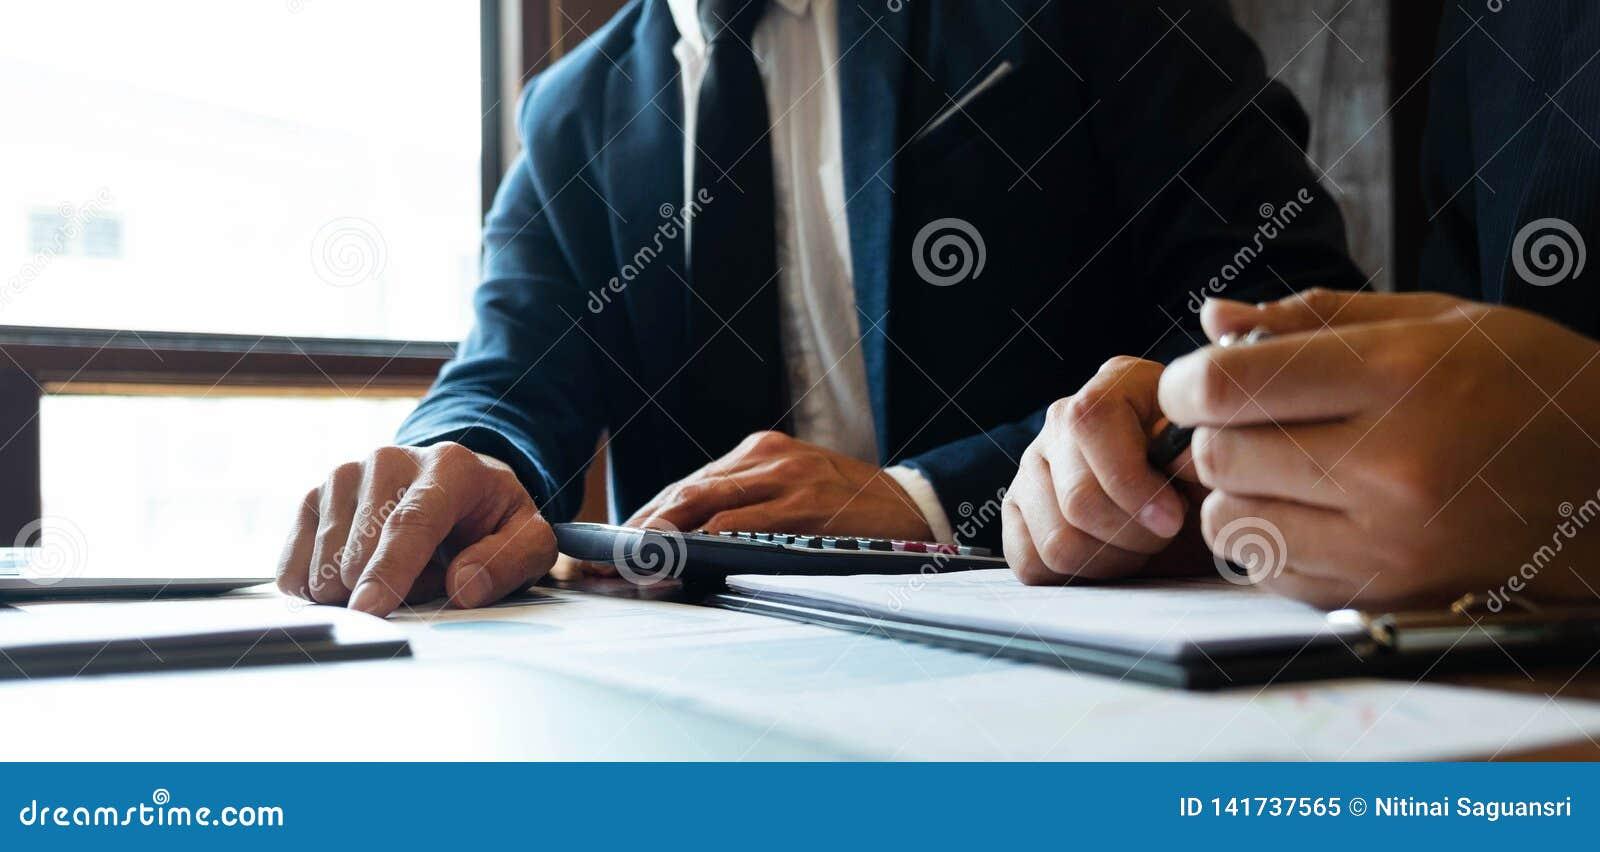 Консультант бухгалтерии, планирование финансового планирования консультанта бизнес-консультанта финансовое